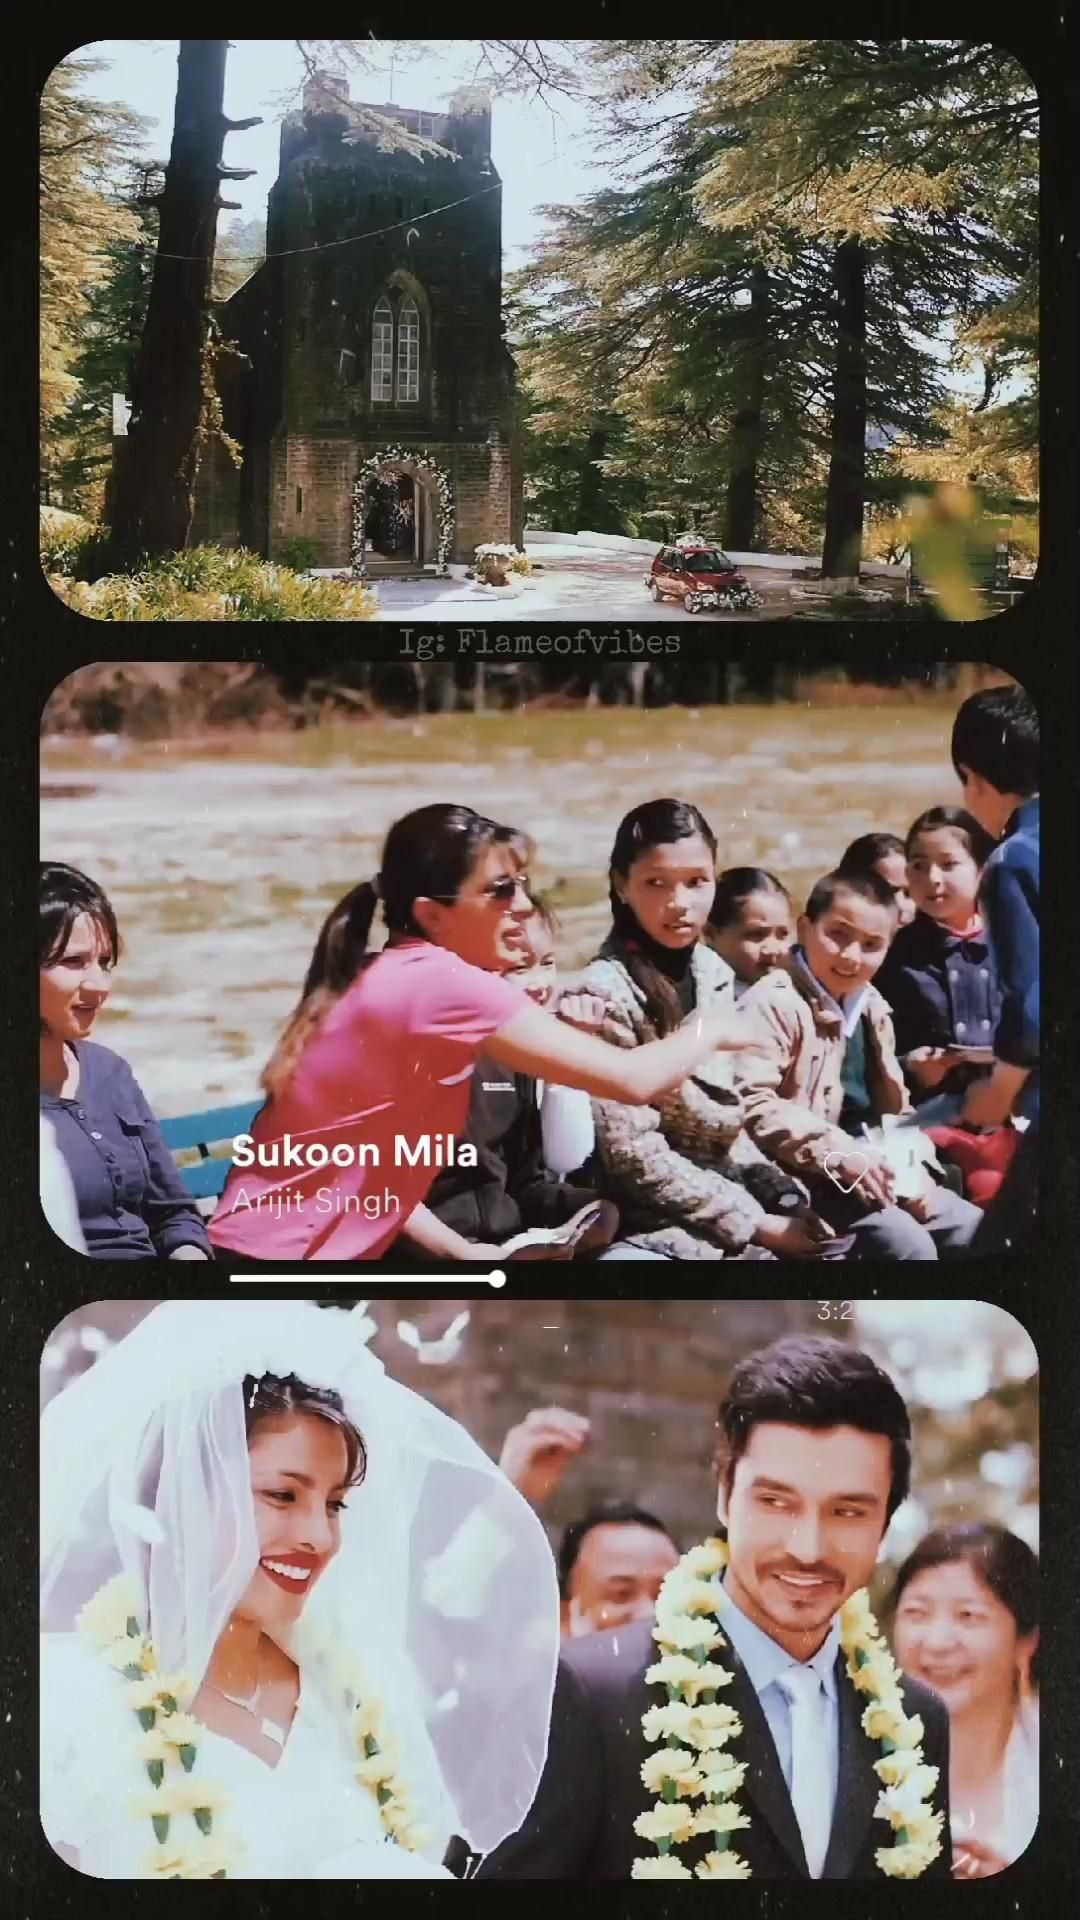 Sukoon Mila - Arijit Singh Songs, Love songs